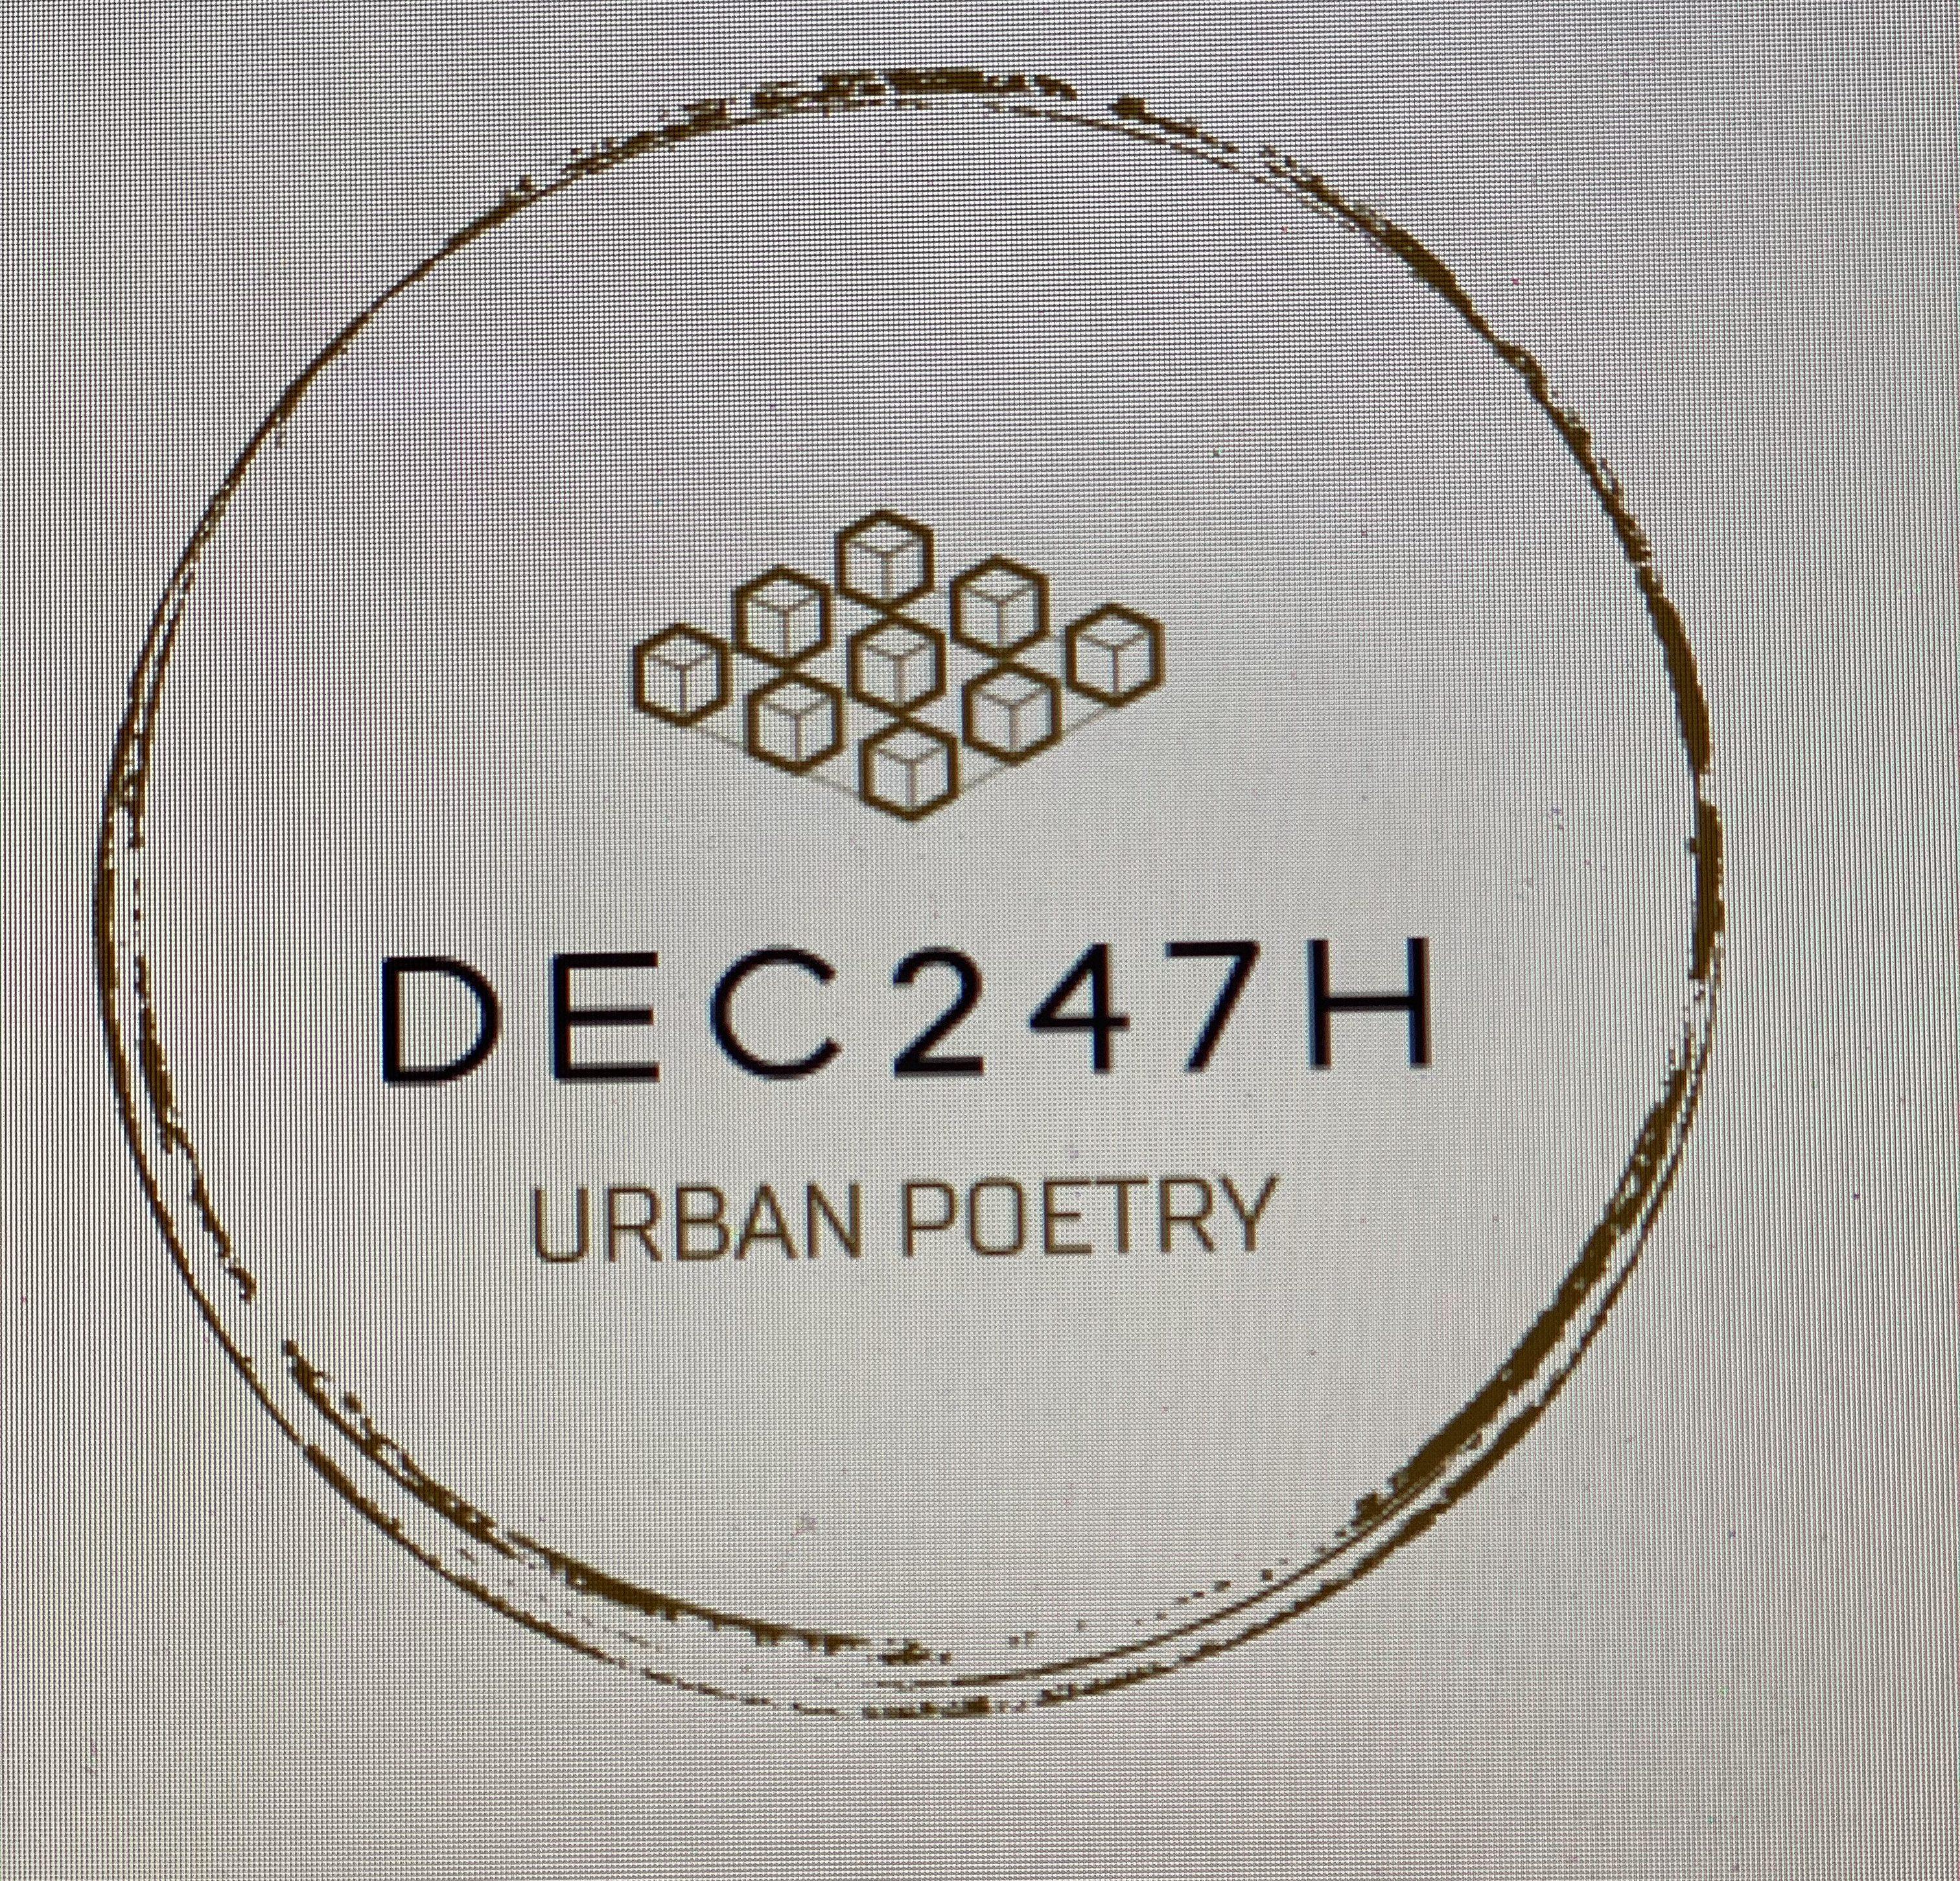 Dec247h